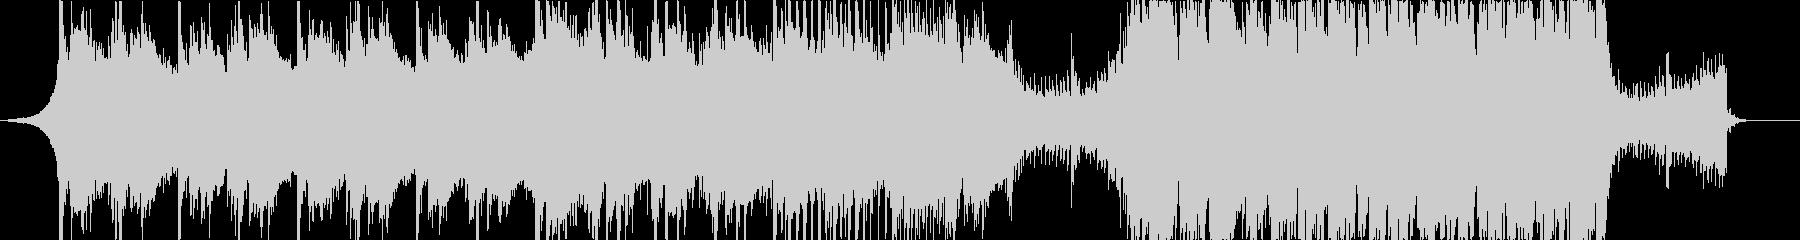 企業VP Future Bass・神秘的の未再生の波形